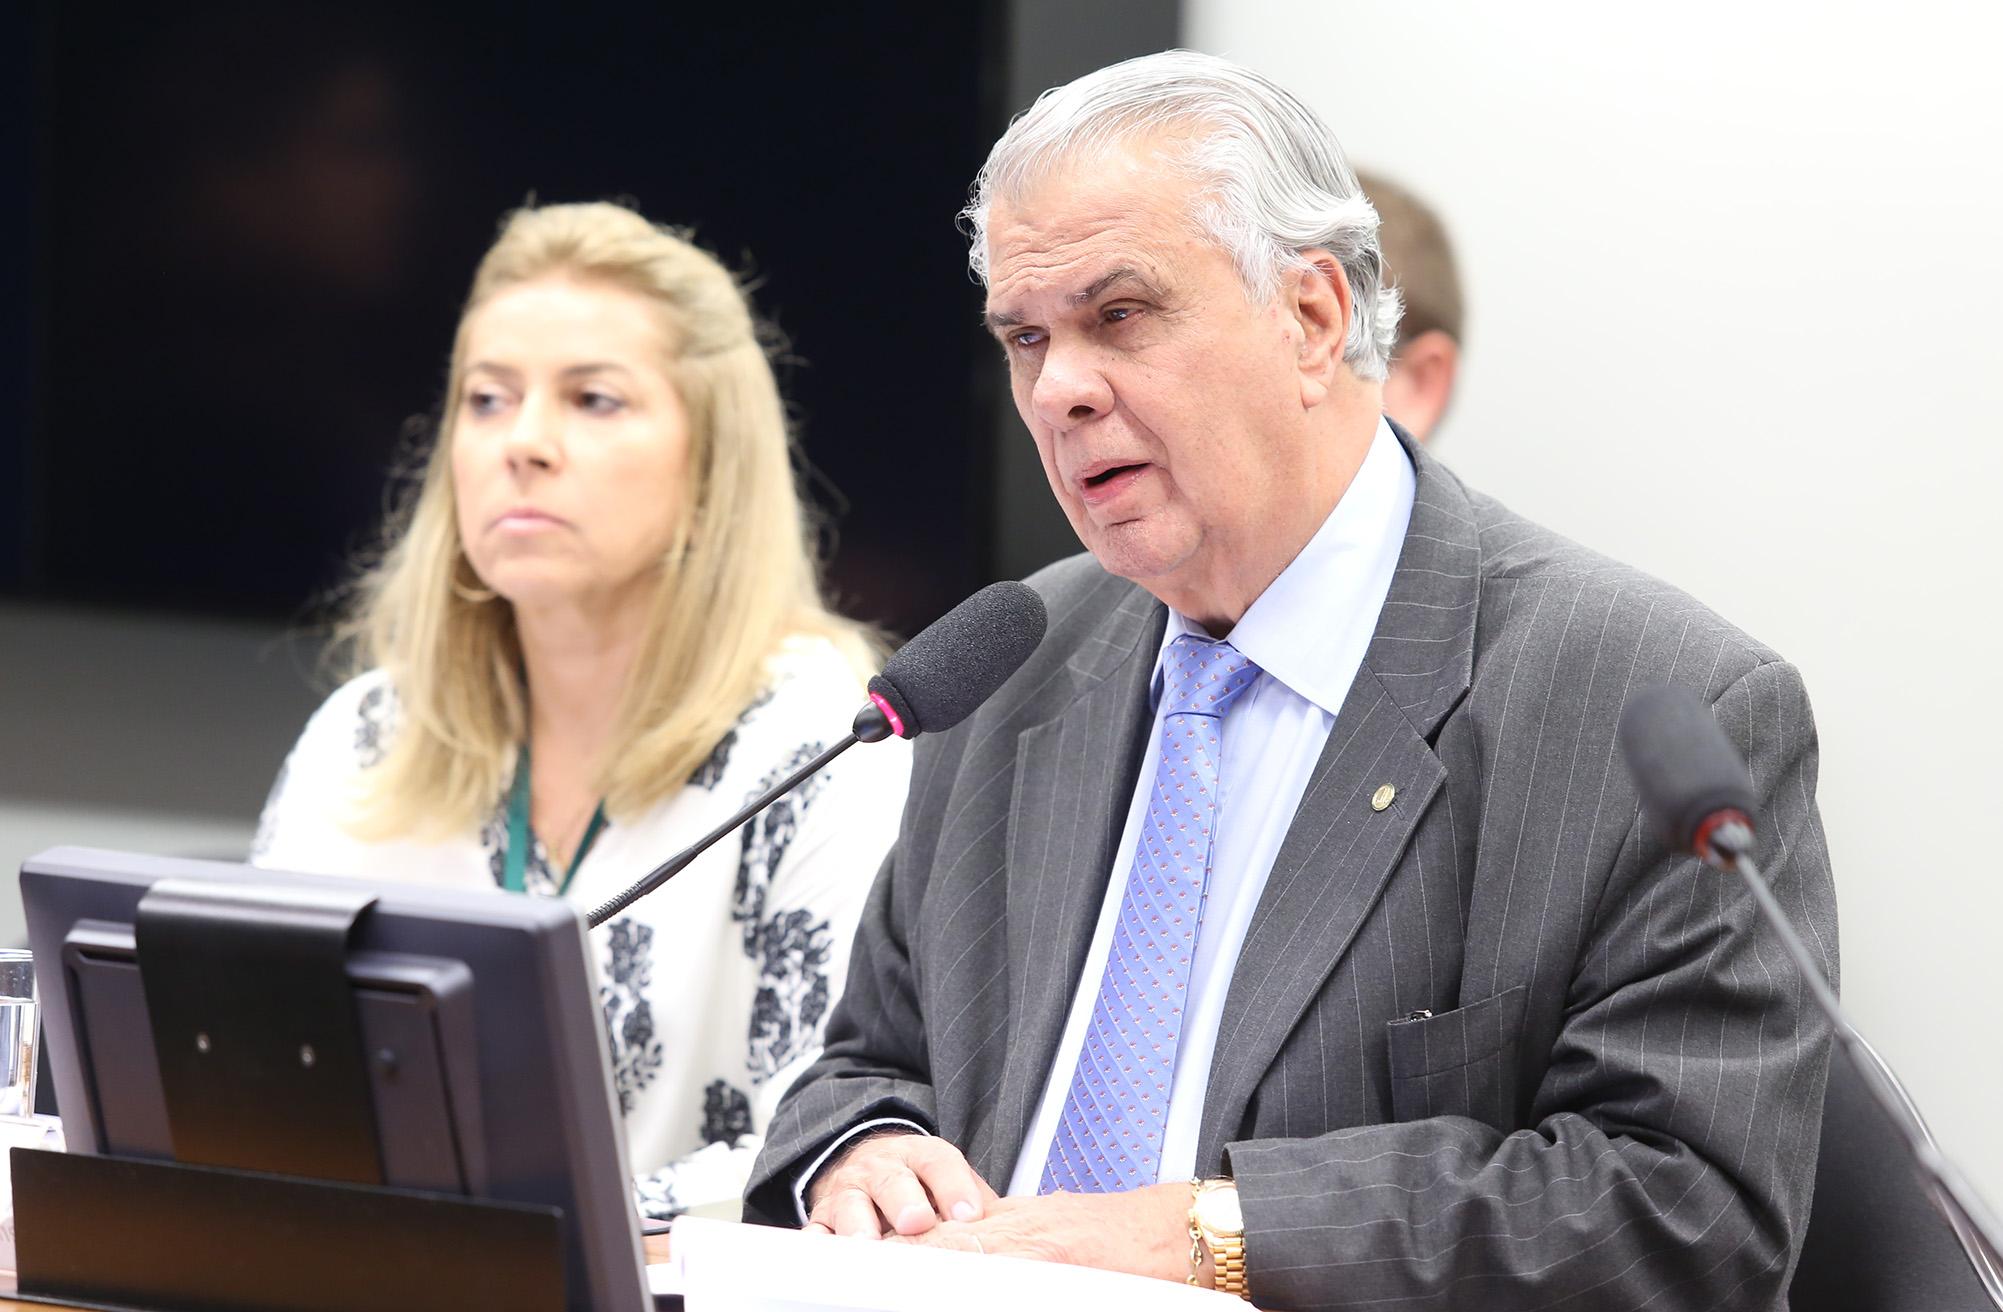 Reunião para continuação da apreciação do parecer preliminar referente ao Processo Nº 01/15, Representação Nº 01/15, do PSOL e REDE, em desfavor do dep. Eduardo Cunha (PMDB/RJ). Presidente do Conselho, dep. José Carlos Araújo (PSD-BA)